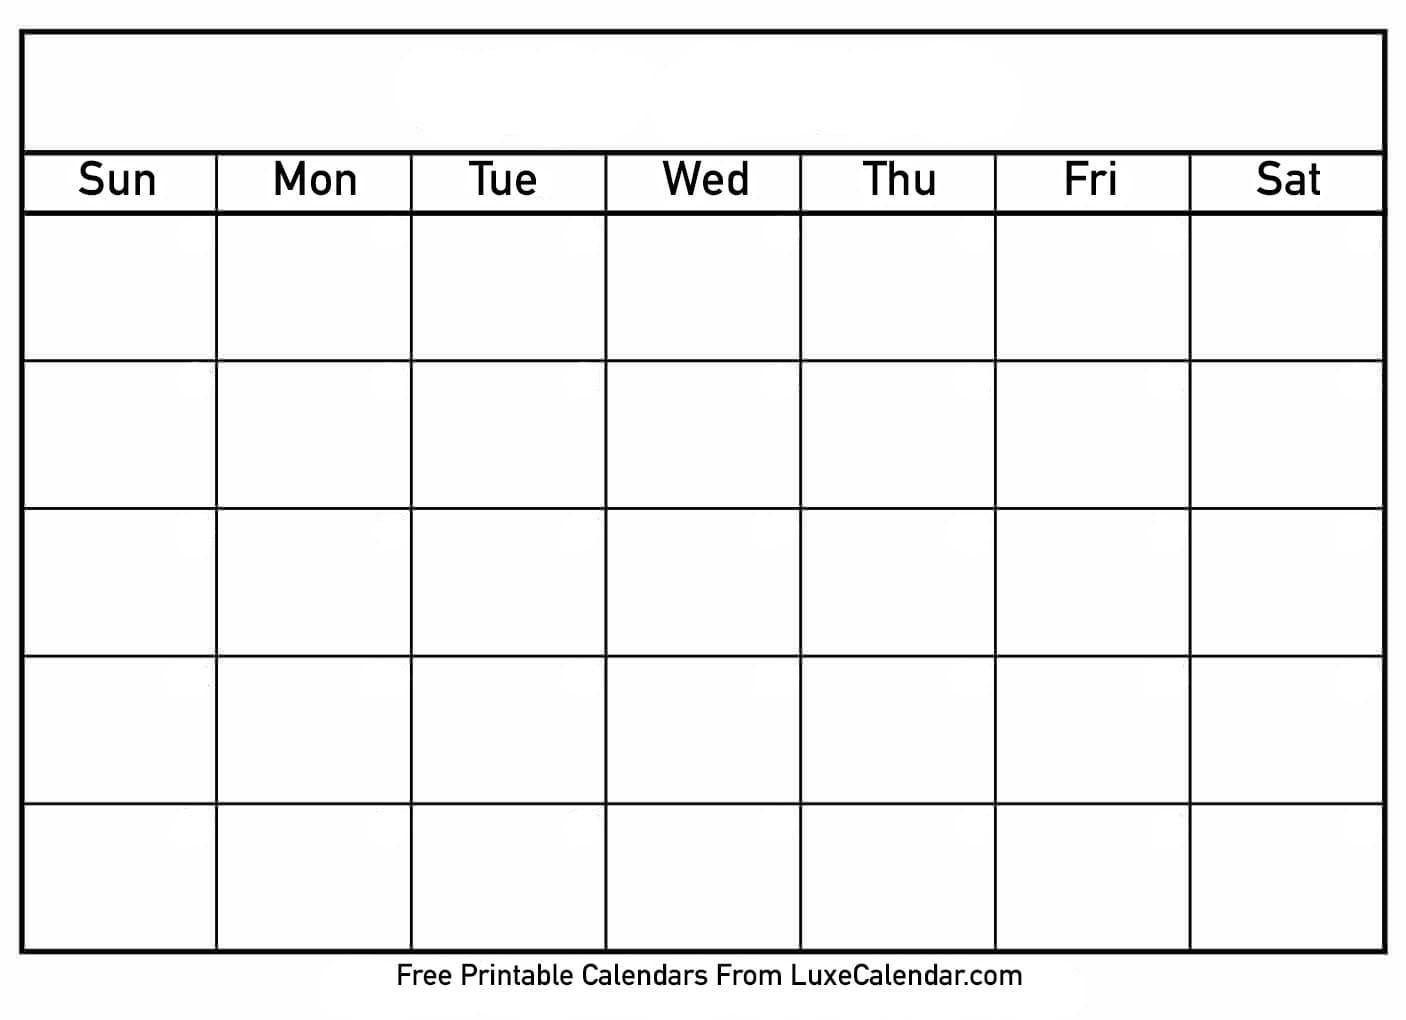 Blank Printable Calendar - Luxe Calendar-Two Paged Blank Printable Calendar